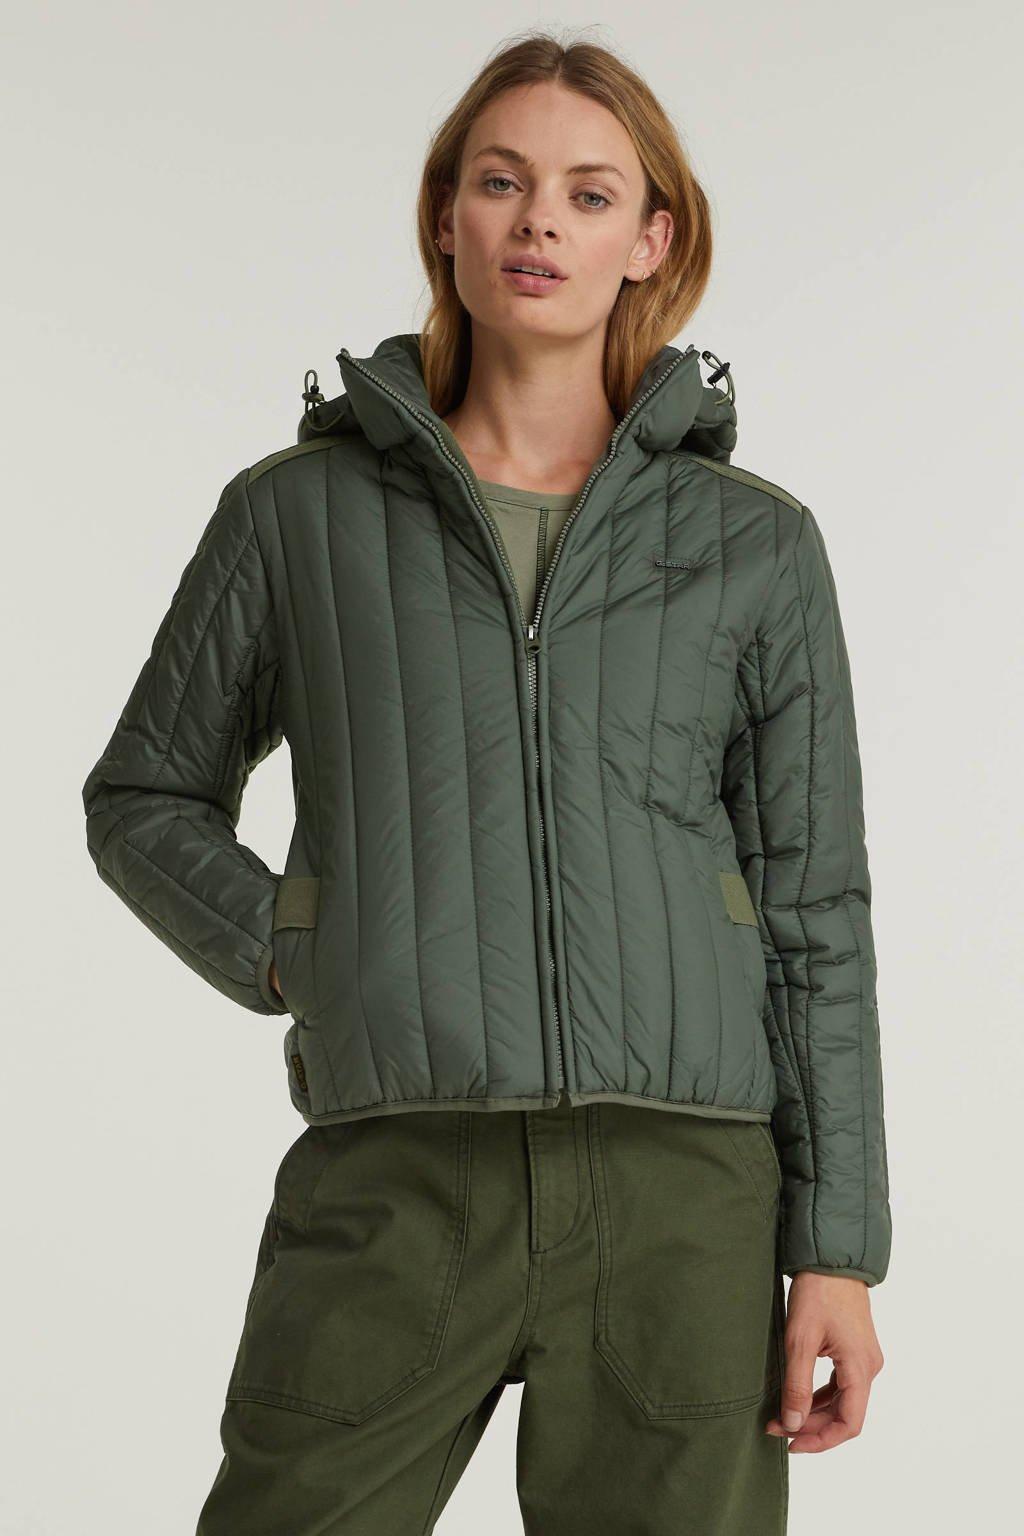 G-Star RAW gewatteerde jas Meefic vertical quilted jacket van gerecycled polyester antraciet, Antraciet